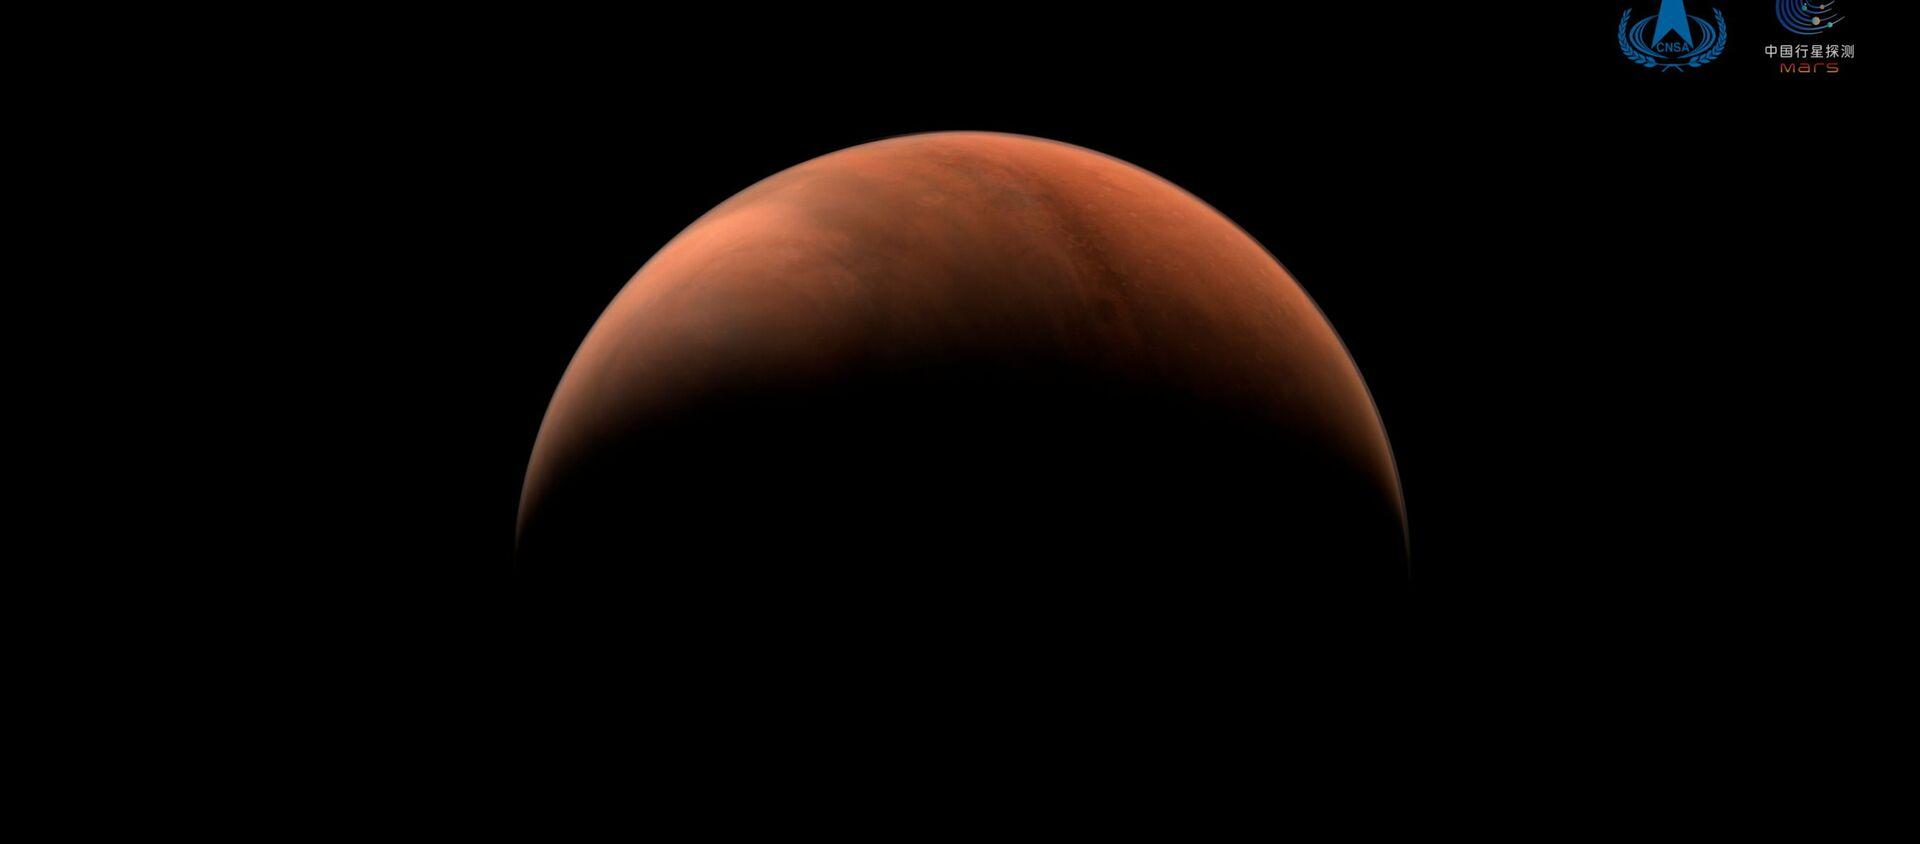 """Zdjęcie Marsa wykonane przez sondę kosmiczną """"Tianwen-1"""" - Sputnik Polska, 1920, 26.03.2021"""